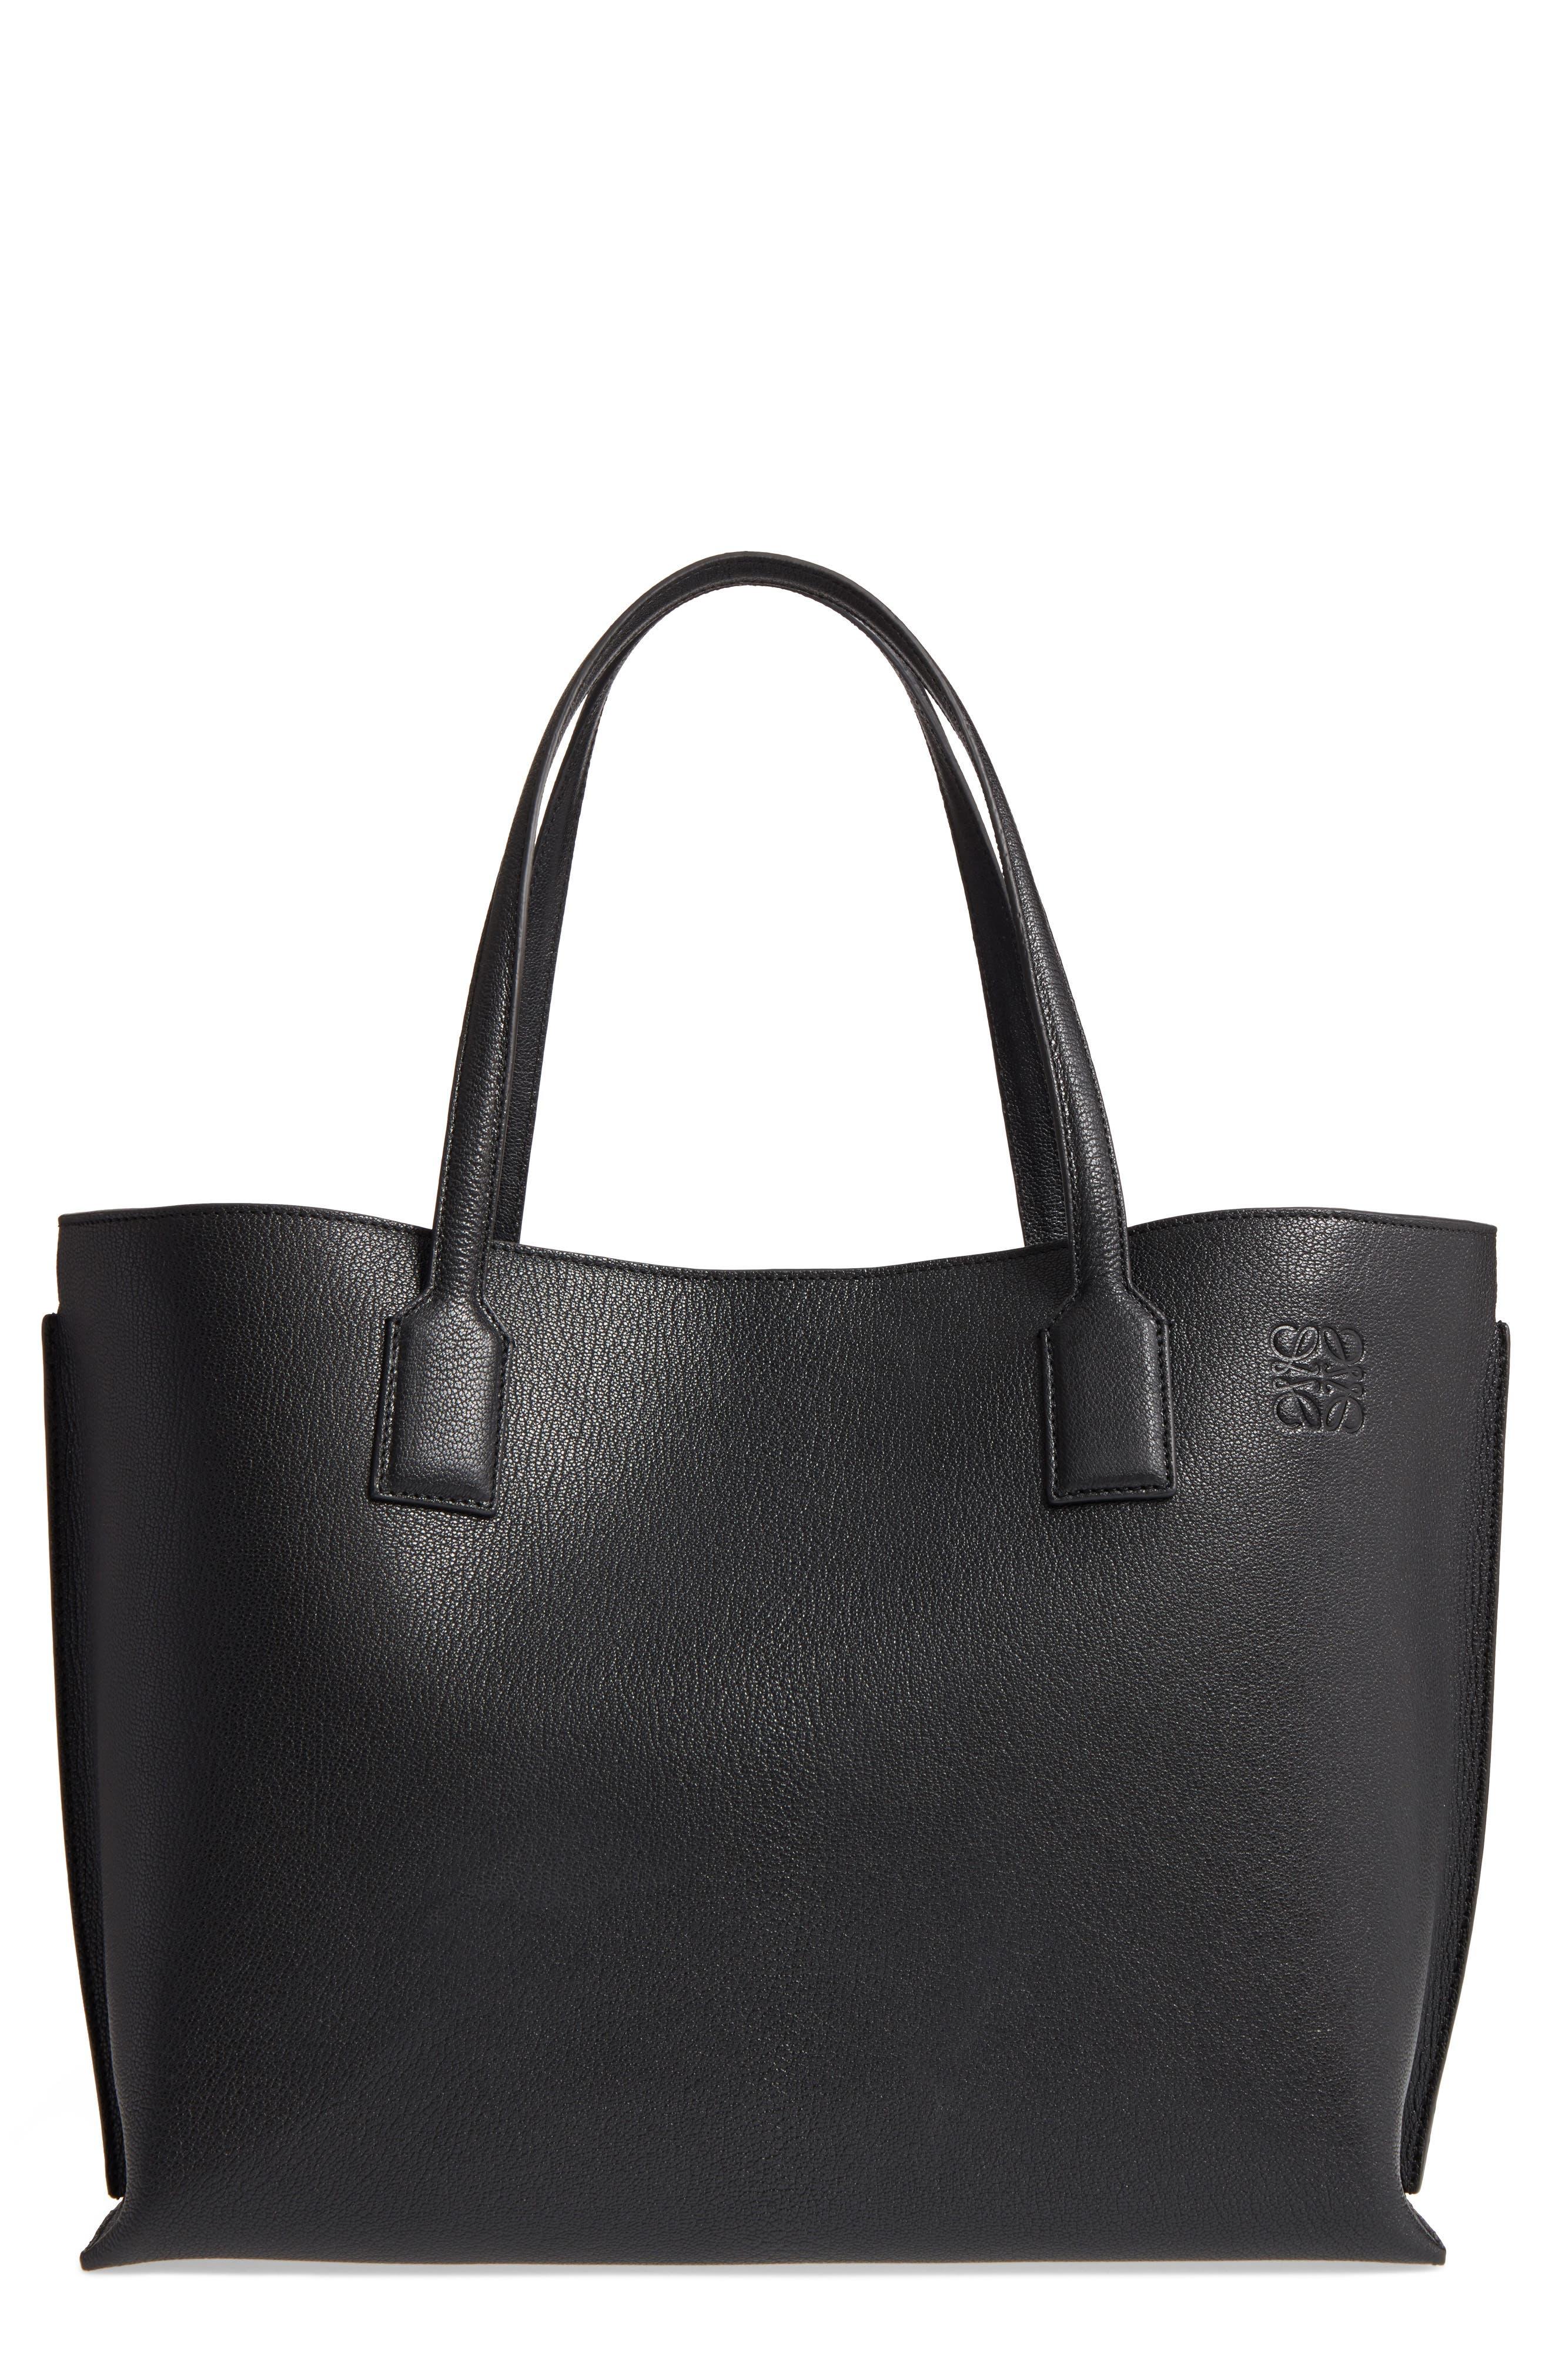 Main Image - Loewe Large Leather T-Shopper